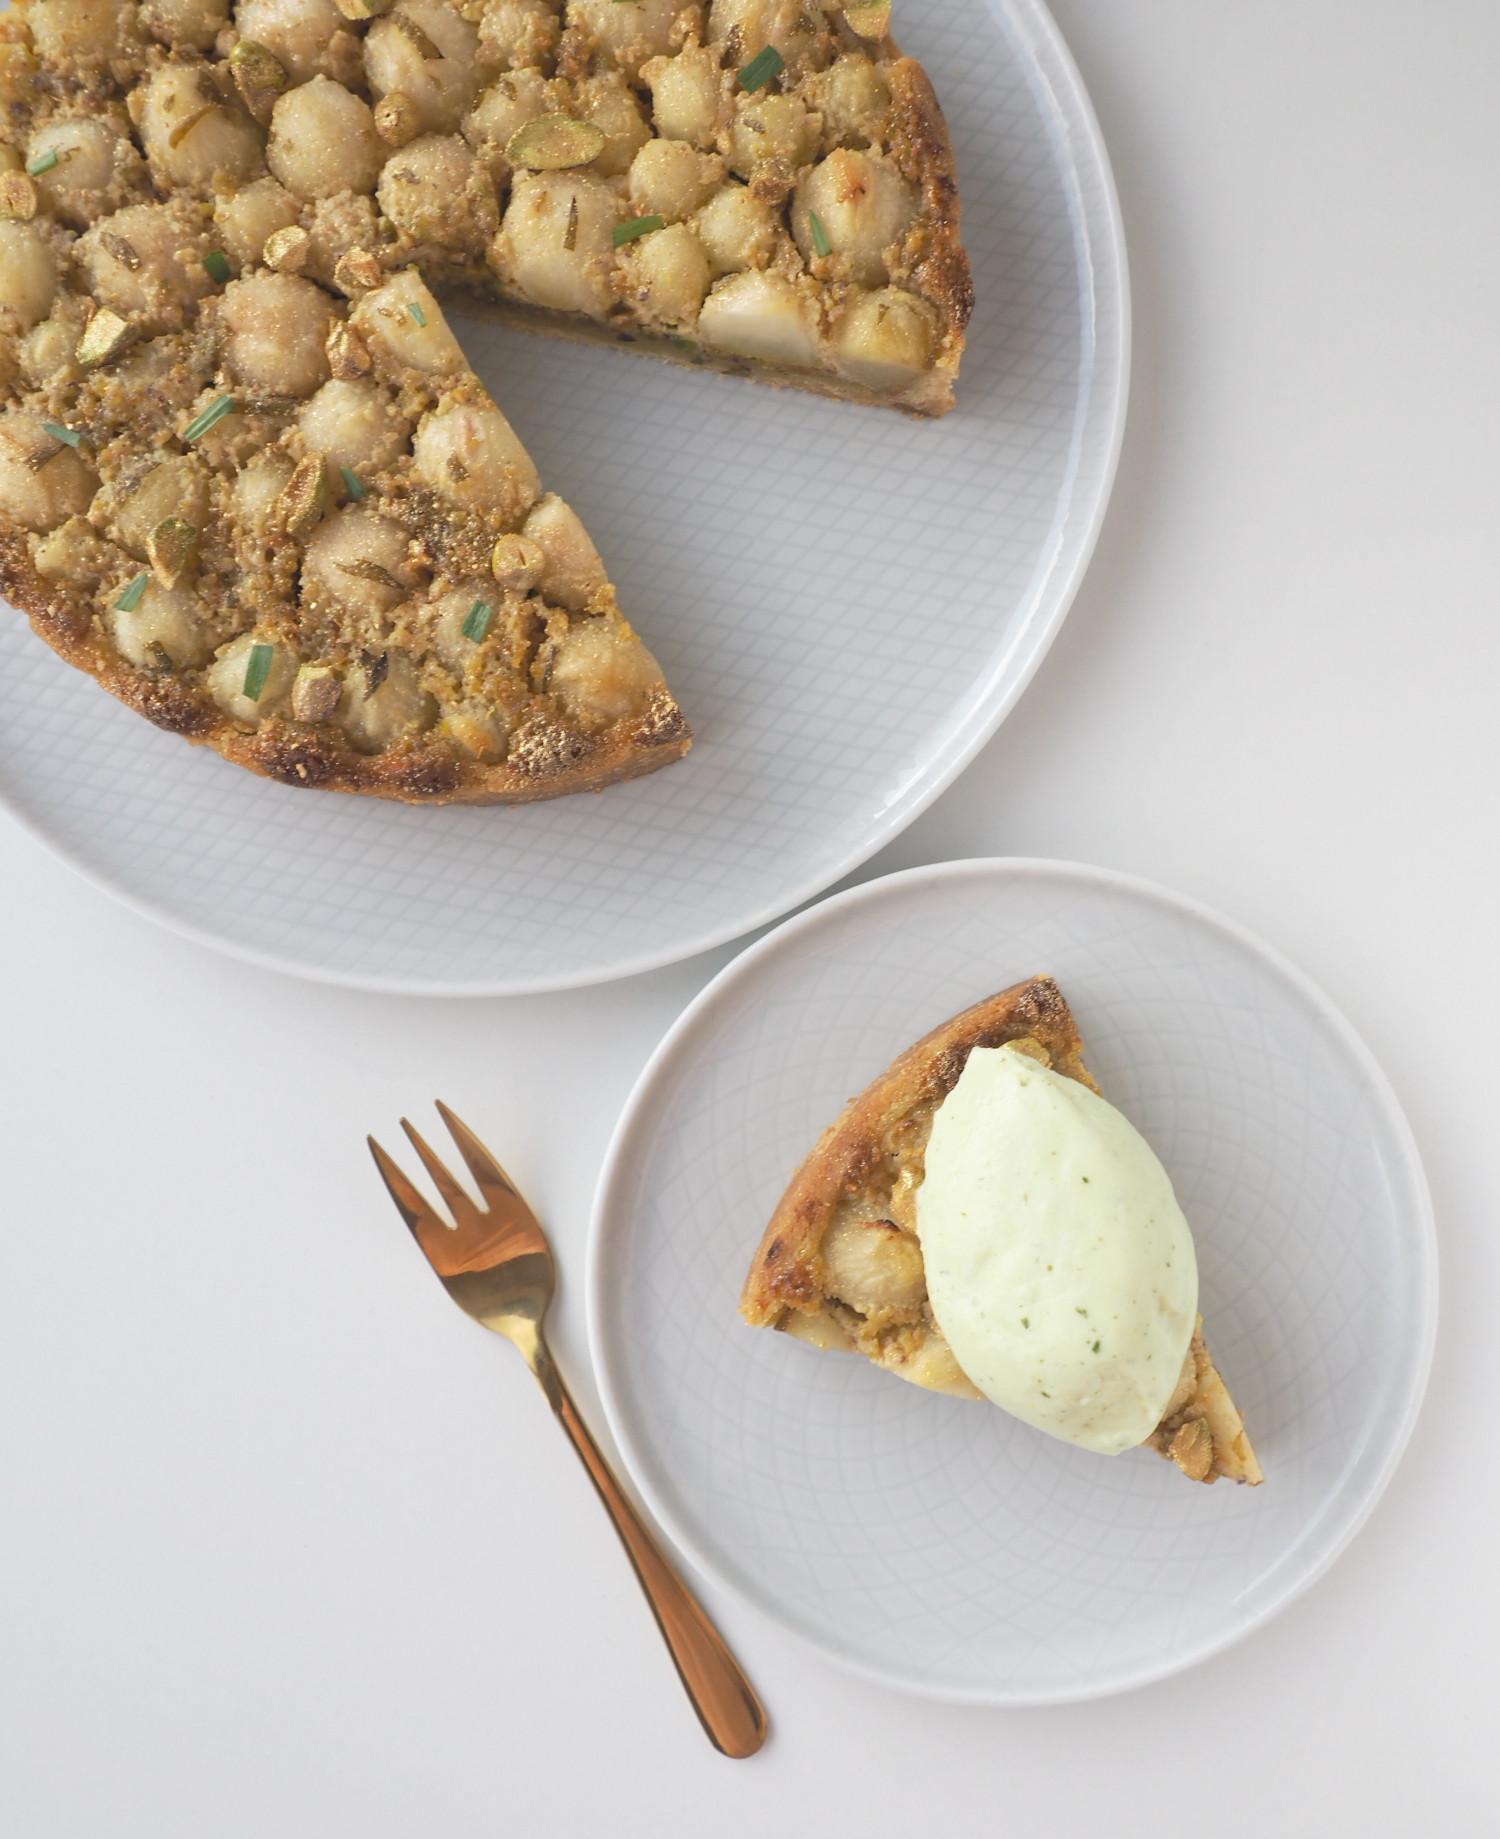 Pæretærte med pistaciefragipane og estragon og estragonis af Rebekka Mikkelsen Beksemad